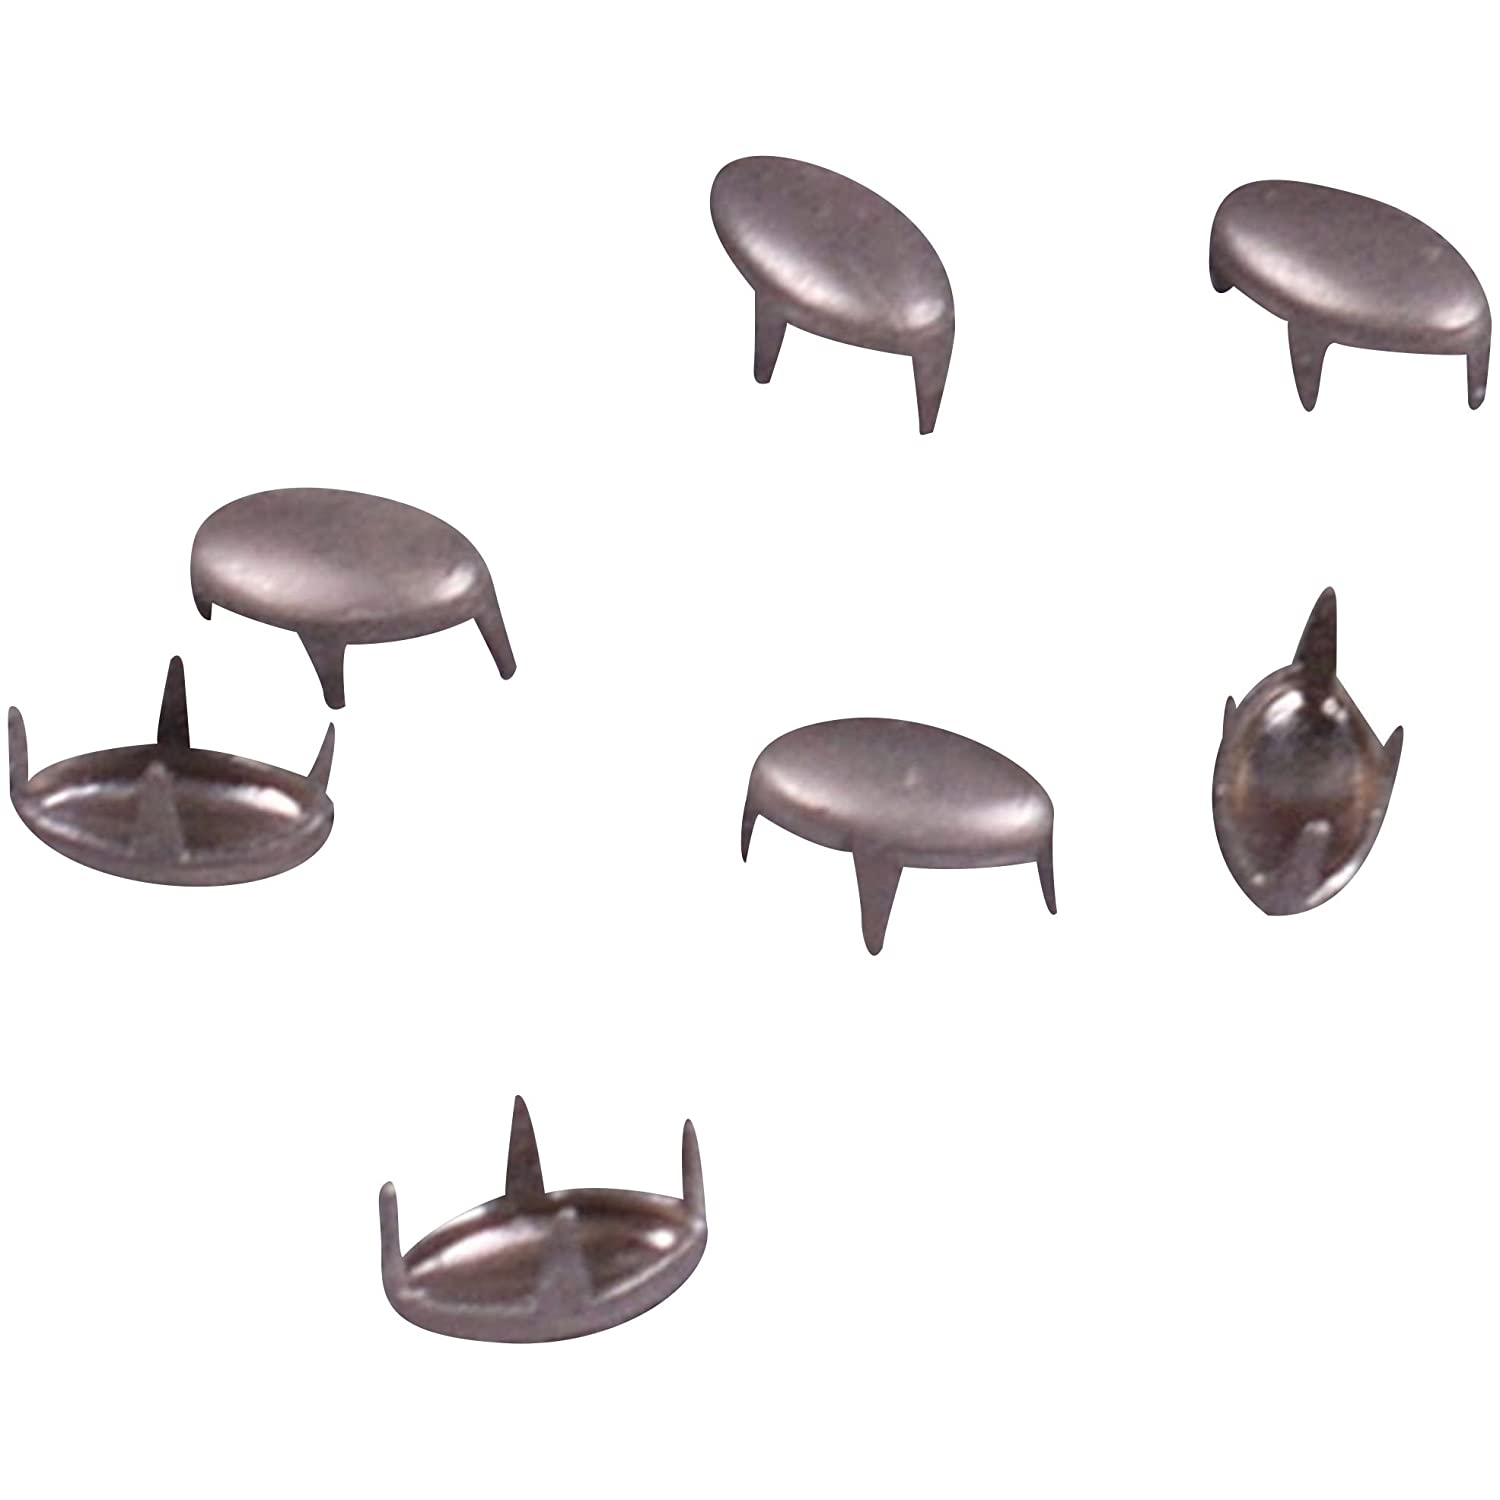 Porcelynne Vintage Silver Brushed Metal Oval Studs/Nailheads - 6mm - 100 Pieces